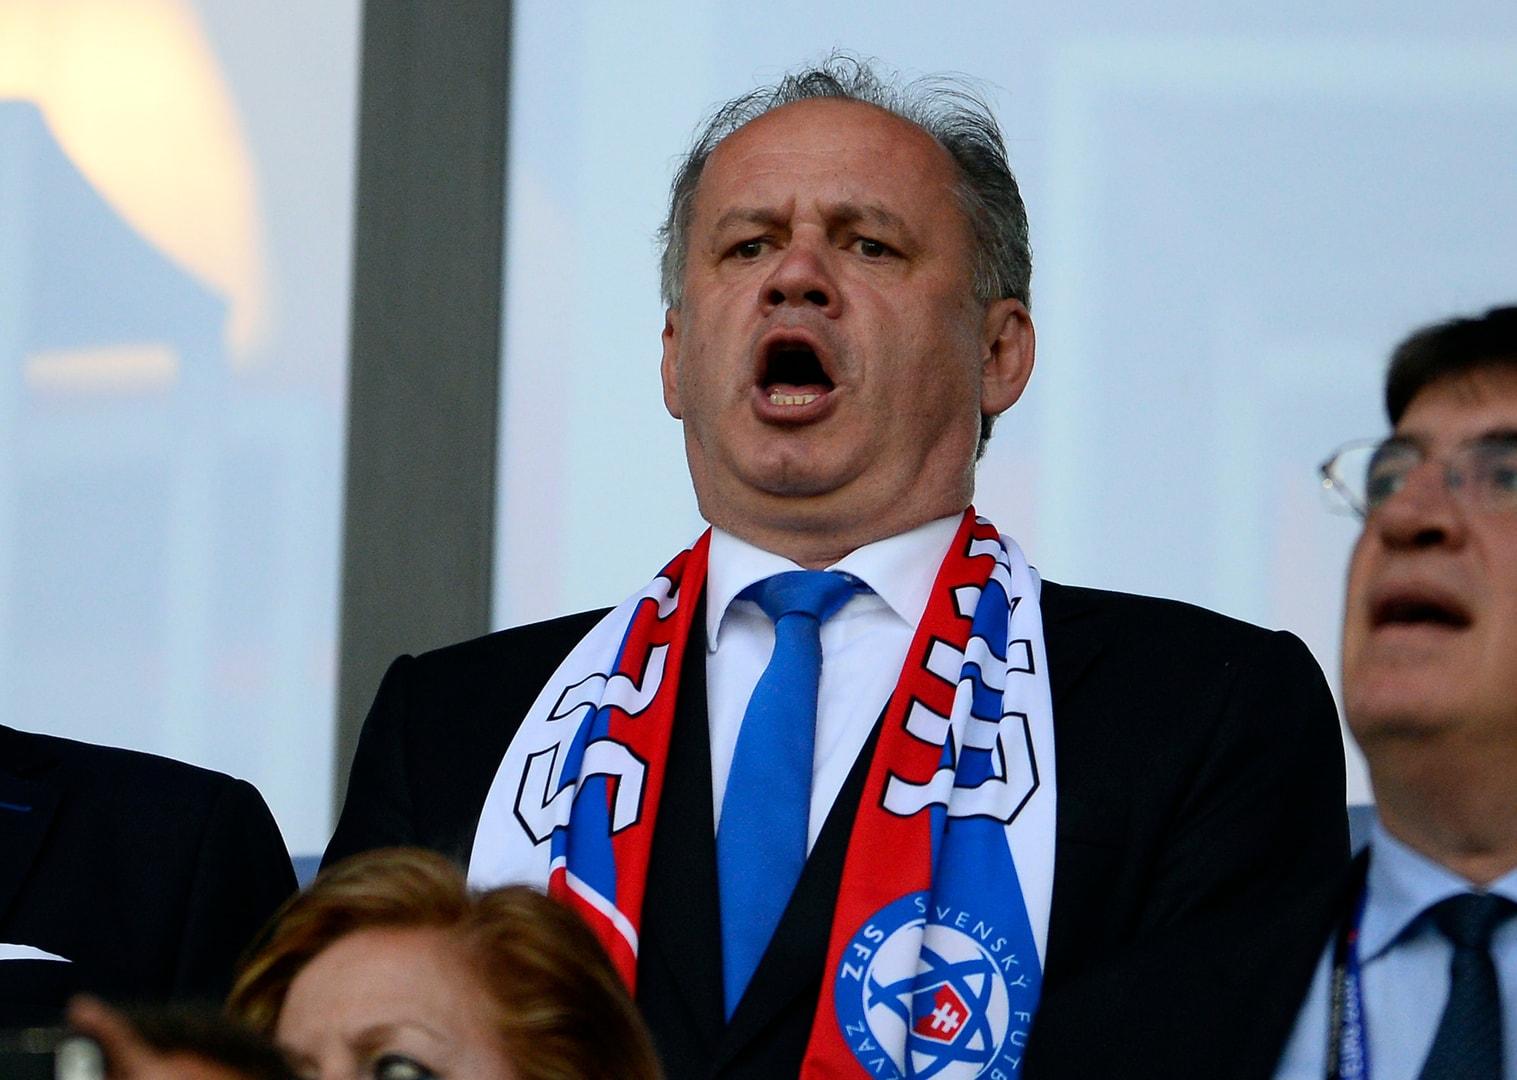 Áno, aj pán prezident sa vie občas nadchnúť pre Slovensko. Ale iba nachvíľu ako športový fanúšik. (Foto: pluska.sk)